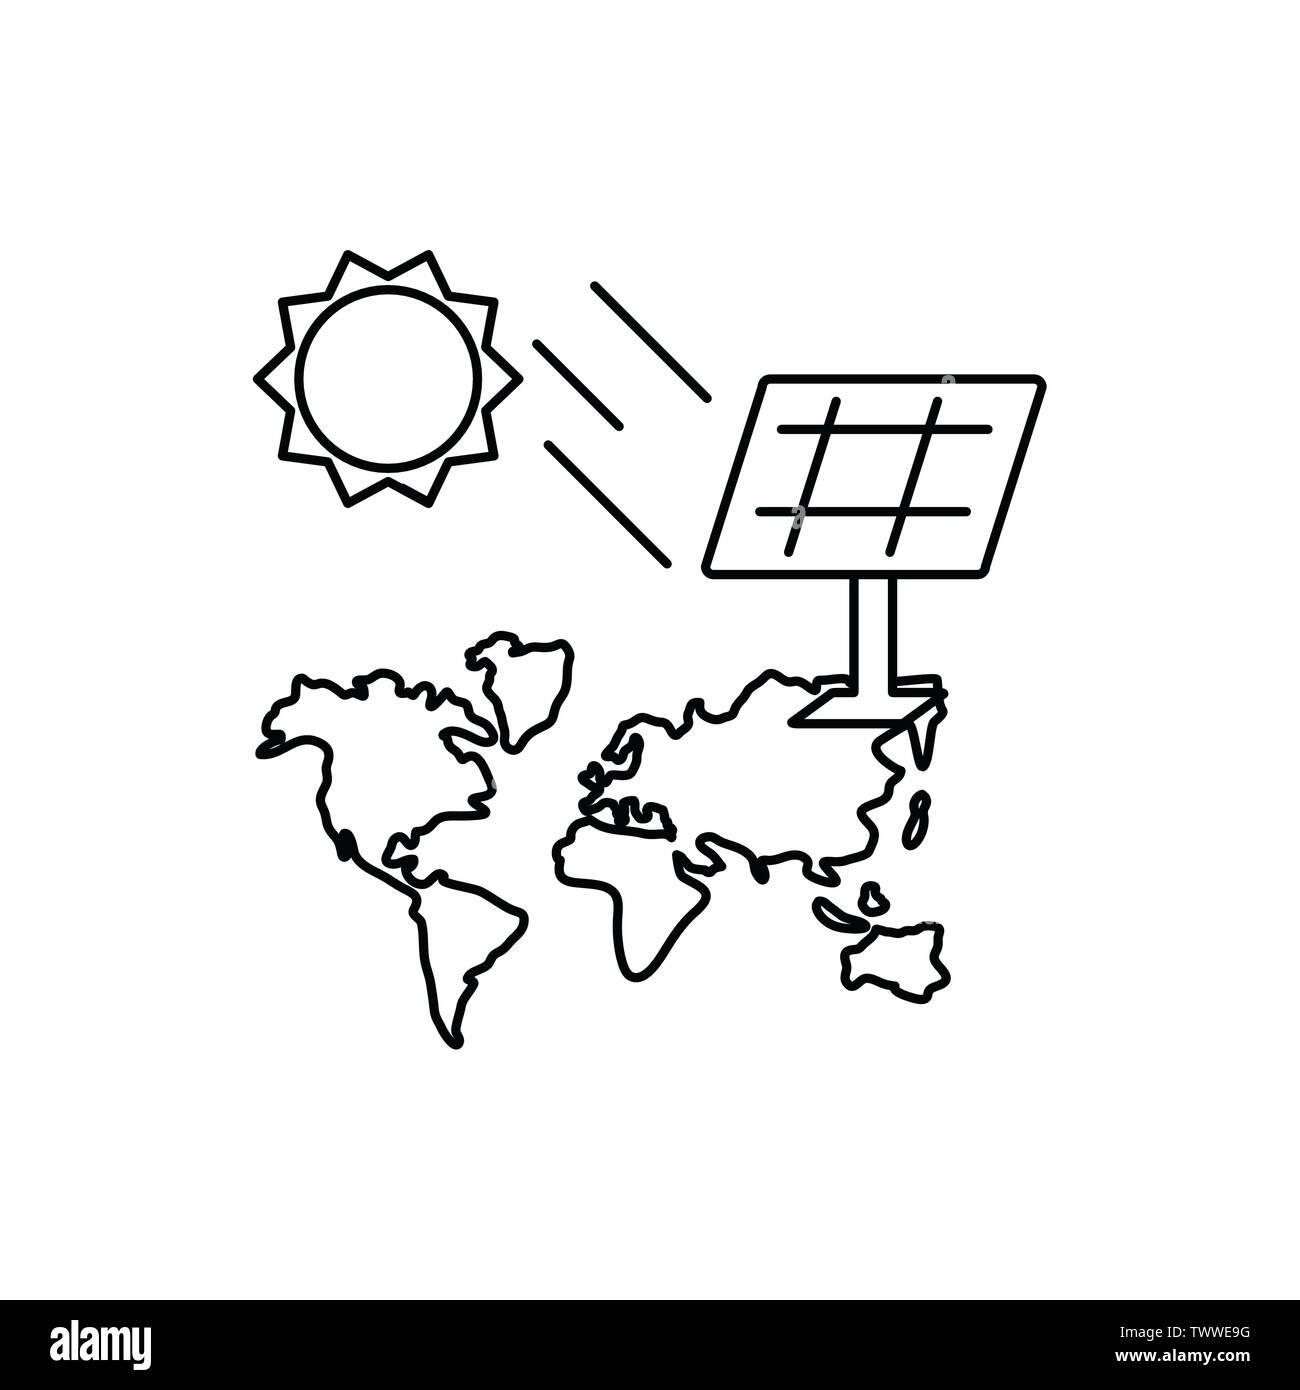 Soleil et panneau solaire conception, durabilité écologique et renouvelable écologie recyclage vert thème solution Vector illustration Photo Stock